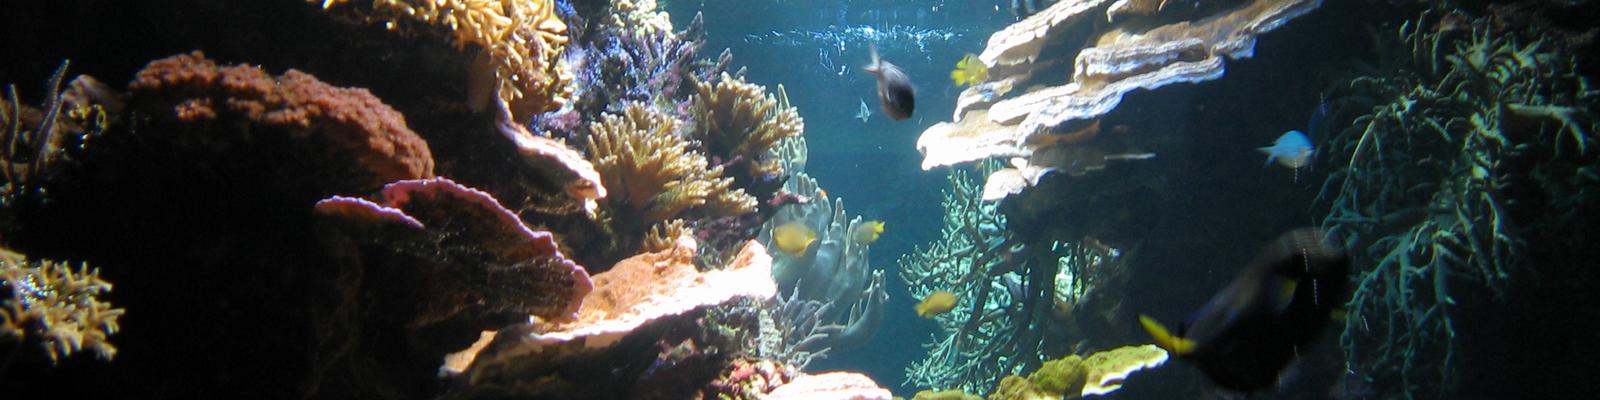 Im Ozean vor der Ostküste der USA zwischen North Carolina und dem Golf von Maine tritt vermehrt Methan-Gas aus, dass die Unterwasserflora und- -fauna schädigt.